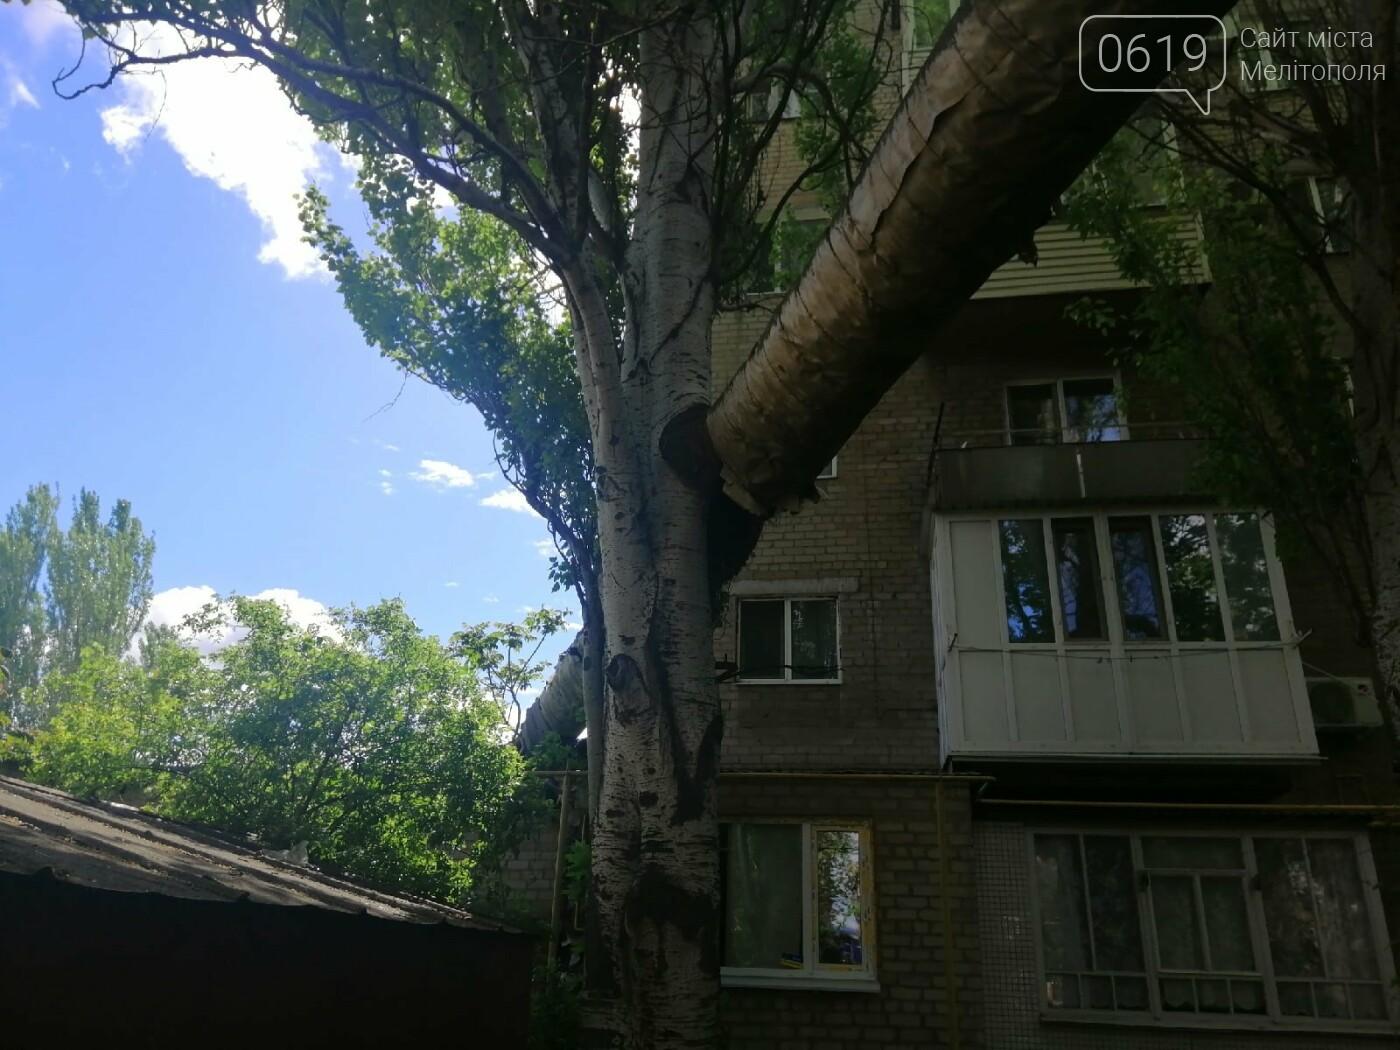 """Дерево """"вросло"""" в трубу теплосети: мелитопольцы обеспокоены последствиями, фото-4"""